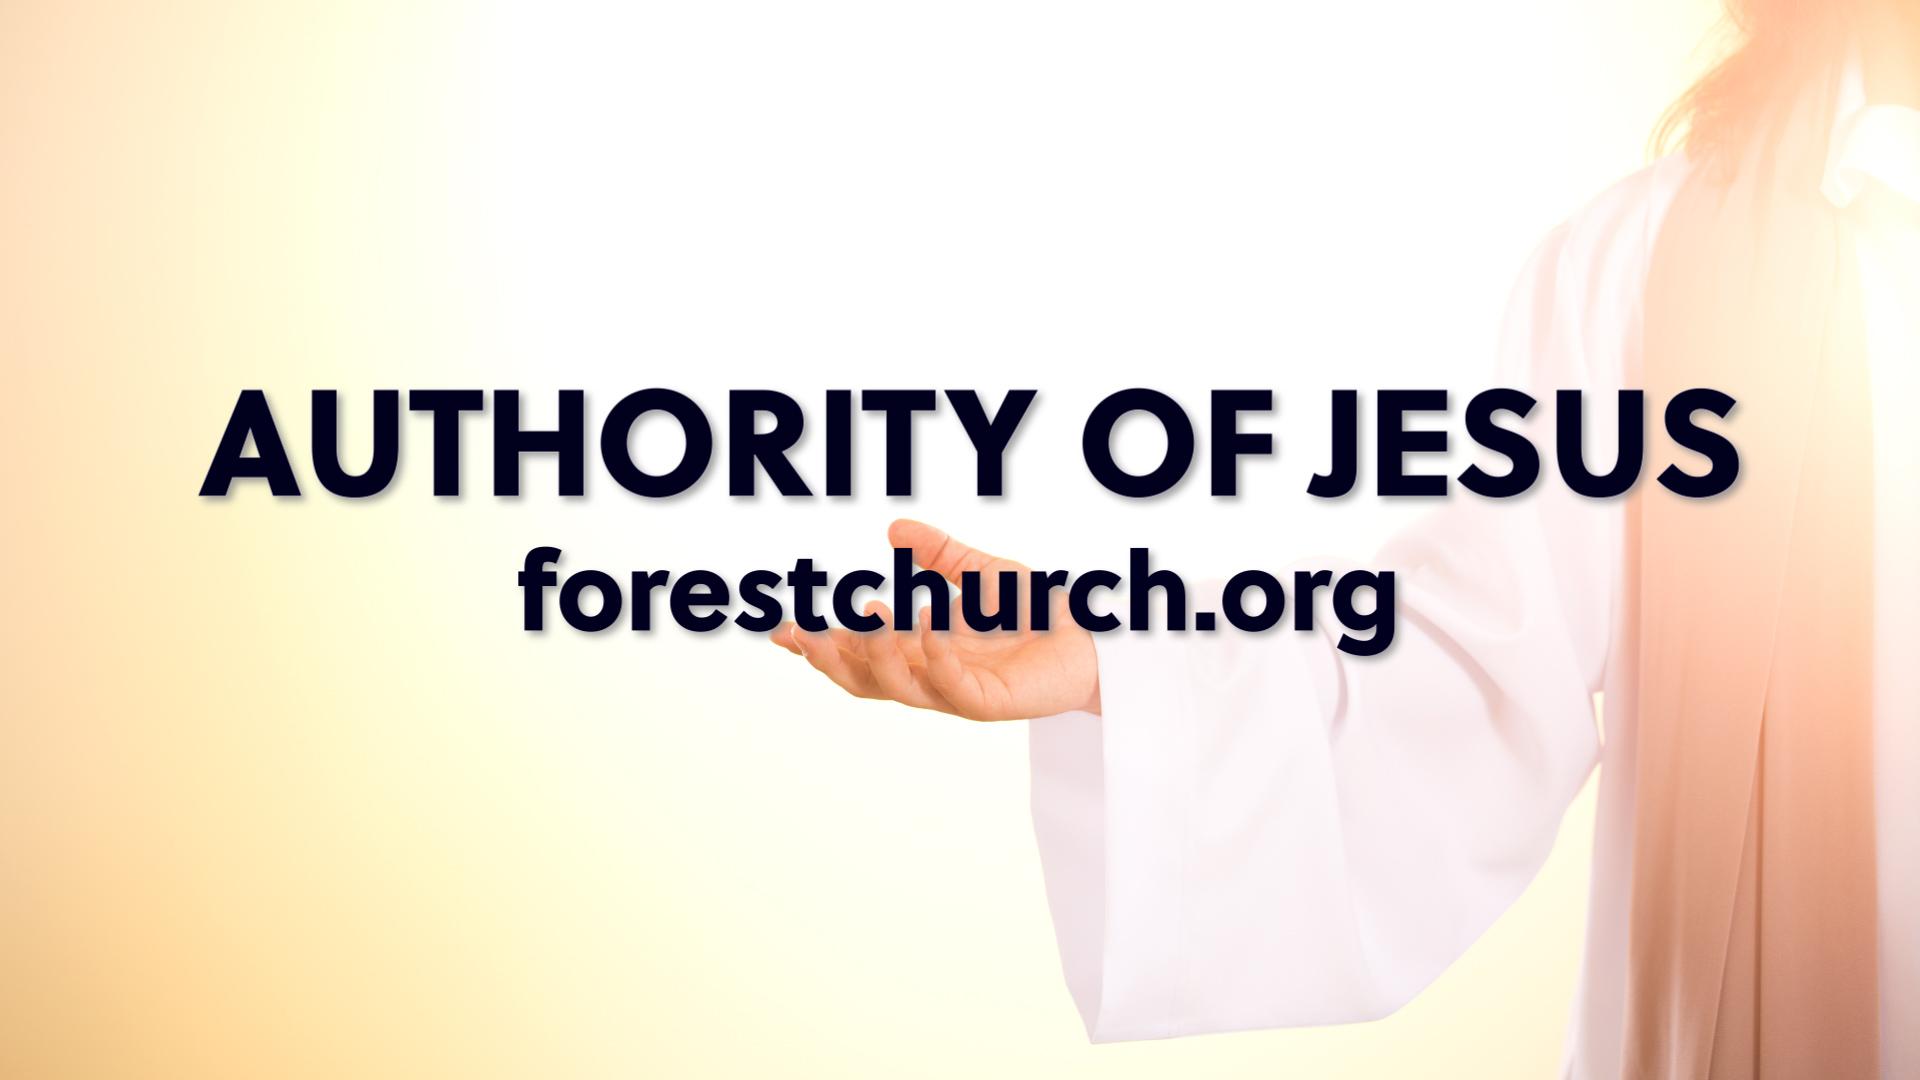 Authority of Jesus